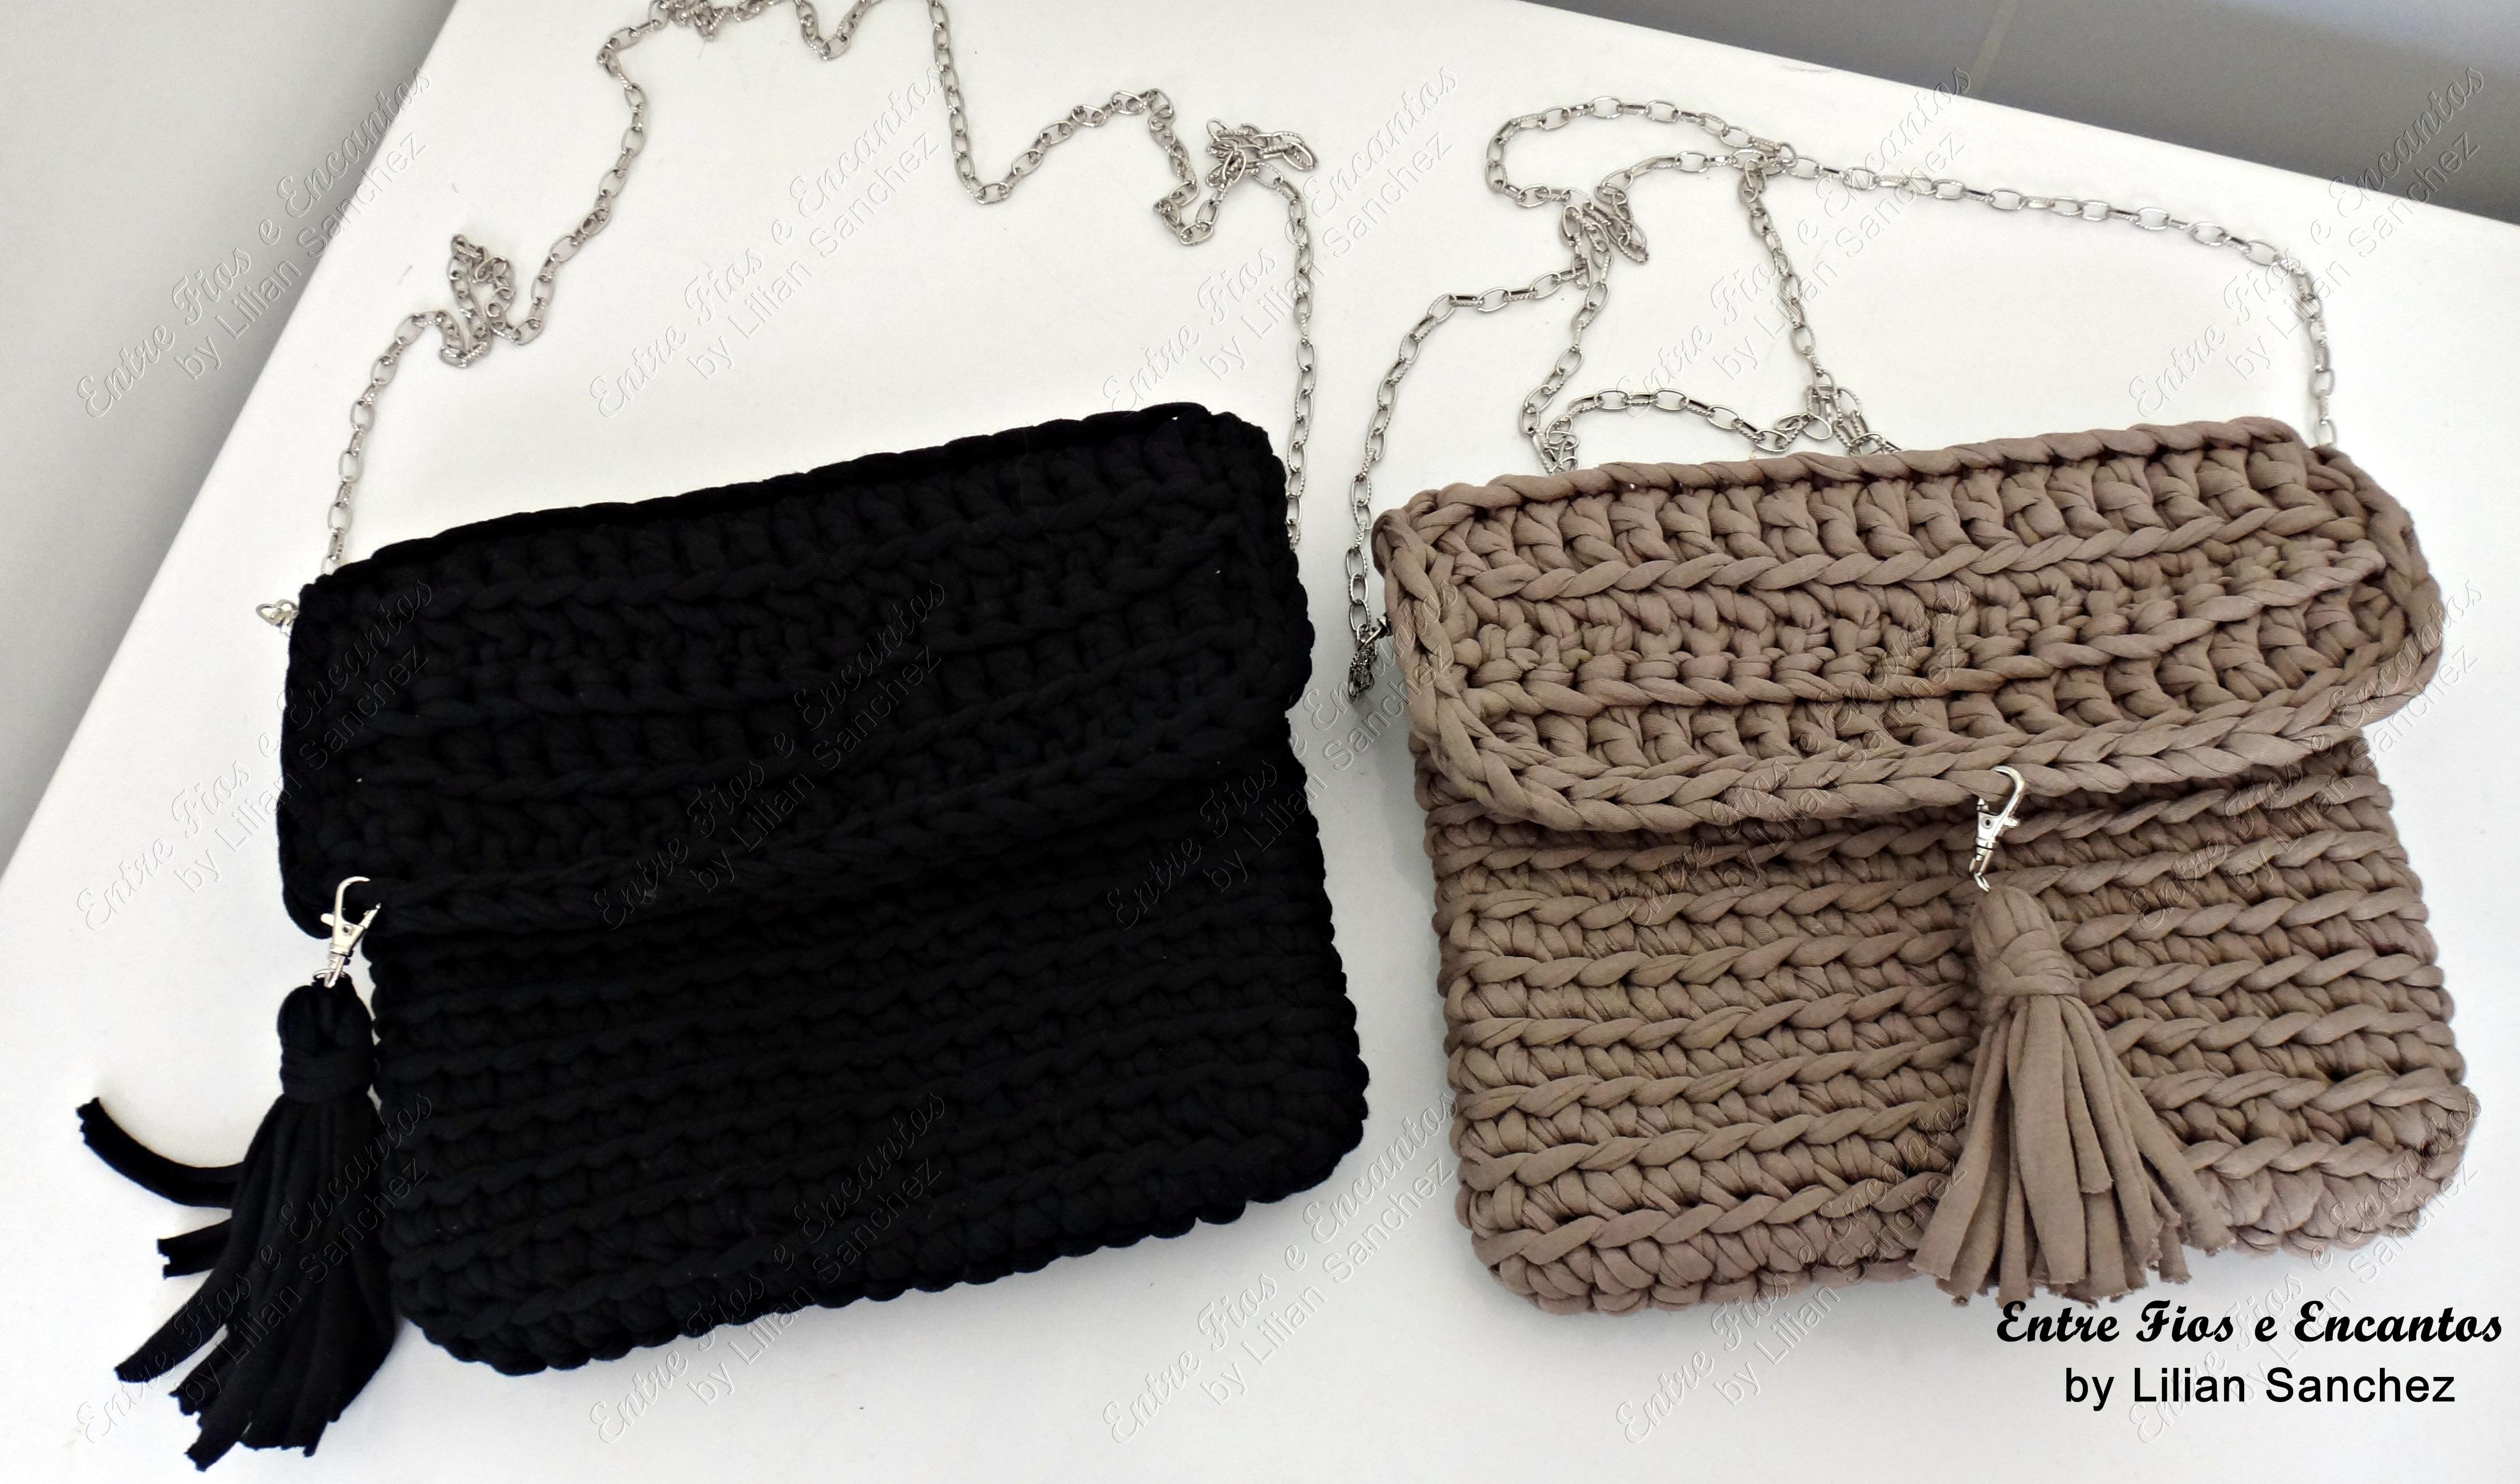 Bolsa De Festa Em Croche Passo A Passo : Bolsa festa croch? fio de malha entre fios e encantos elo